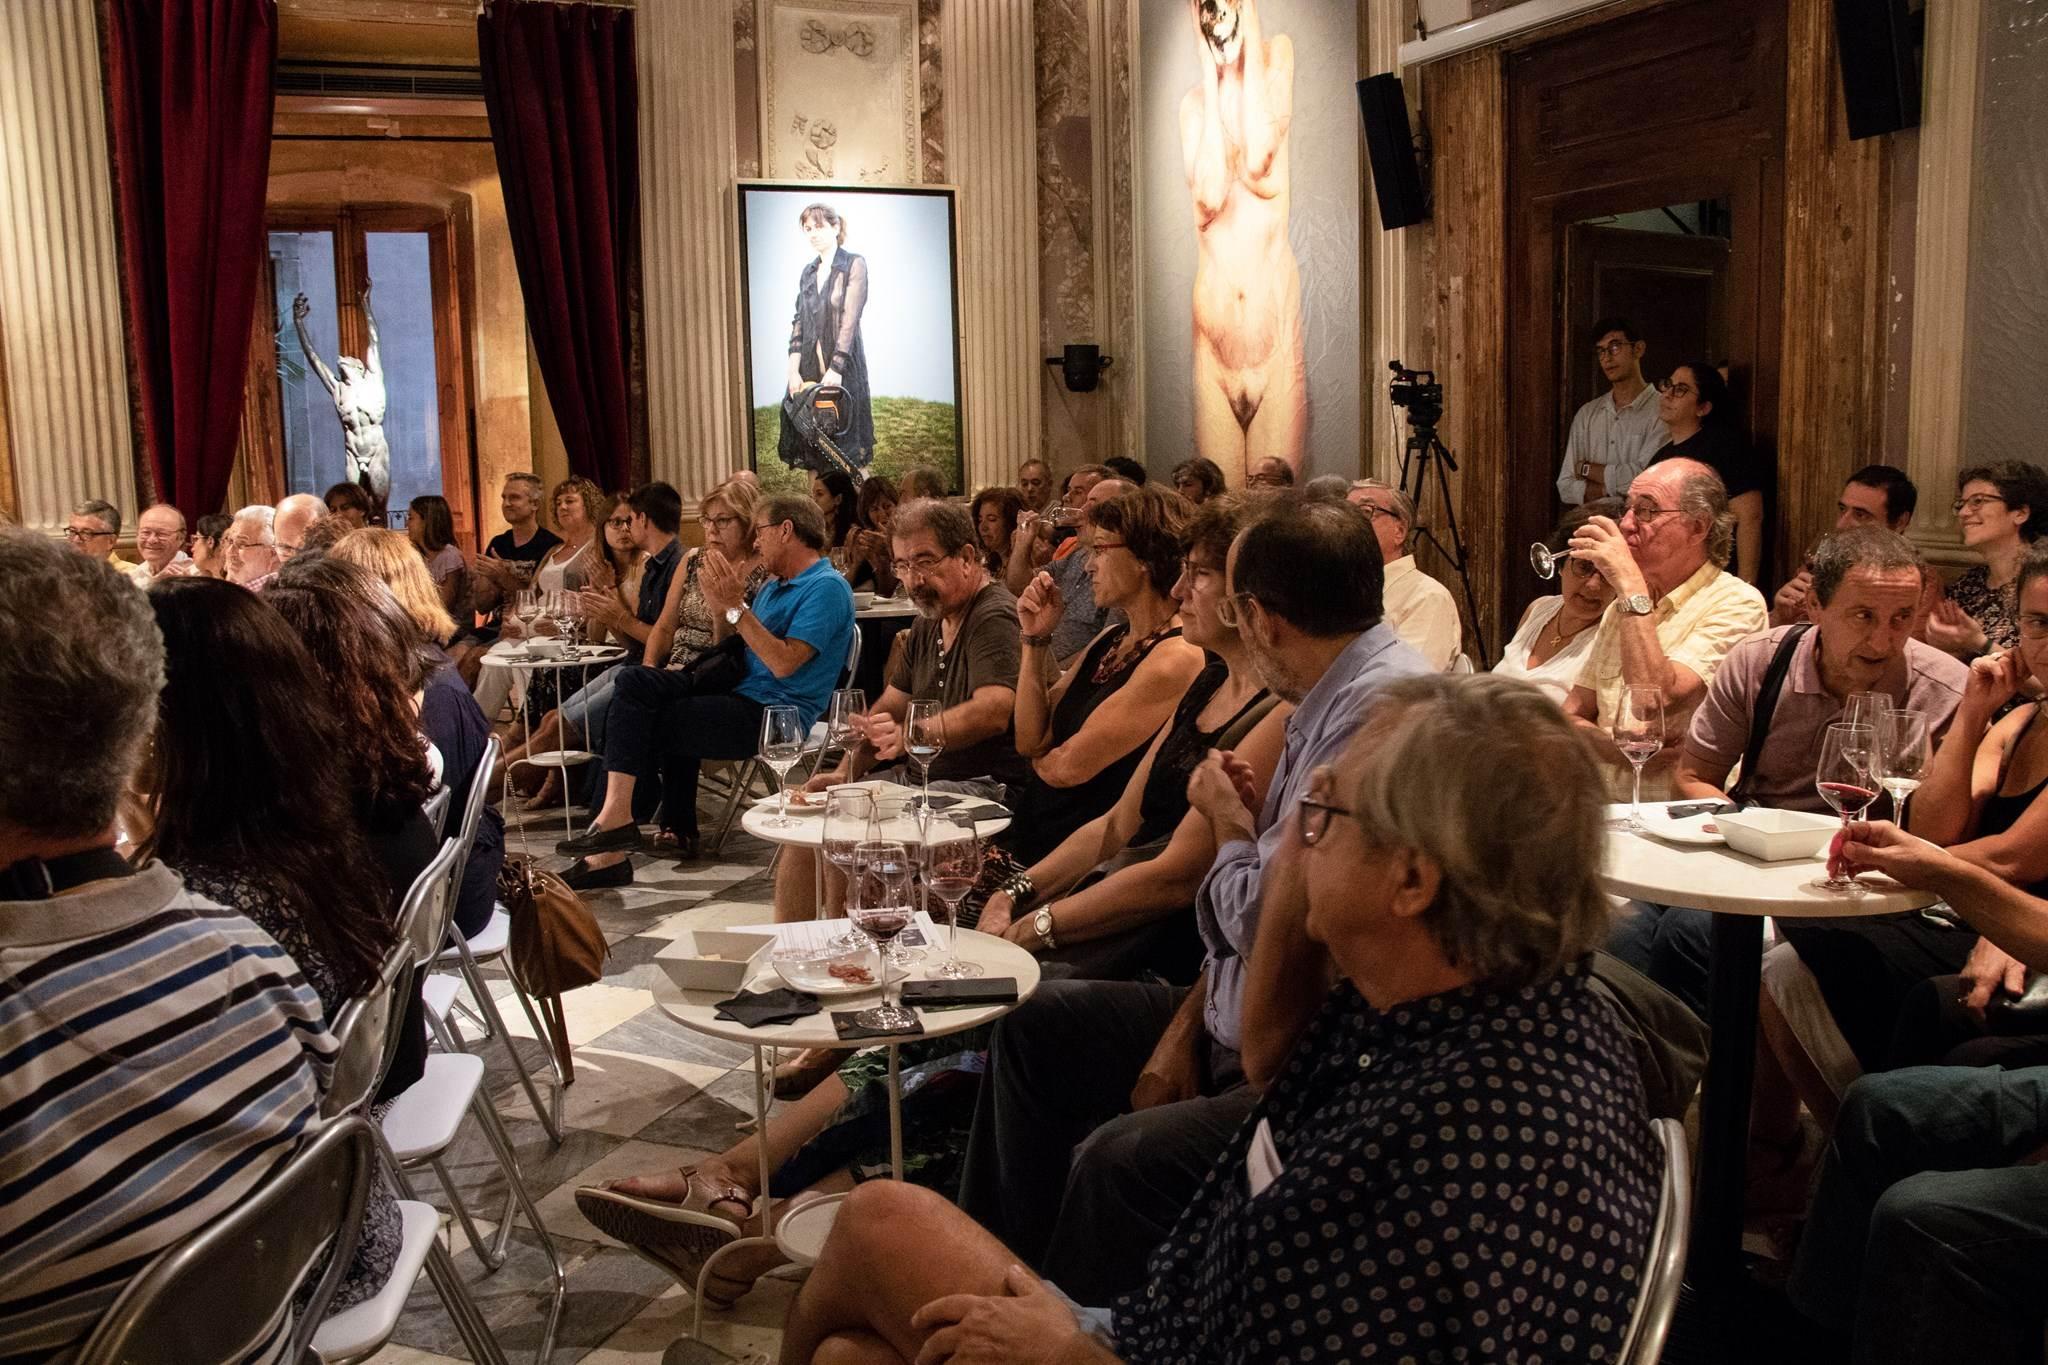 Primer #VisàVis amb Antoni Bassas i Buil & Giné [Setmana del Llibre en Català]